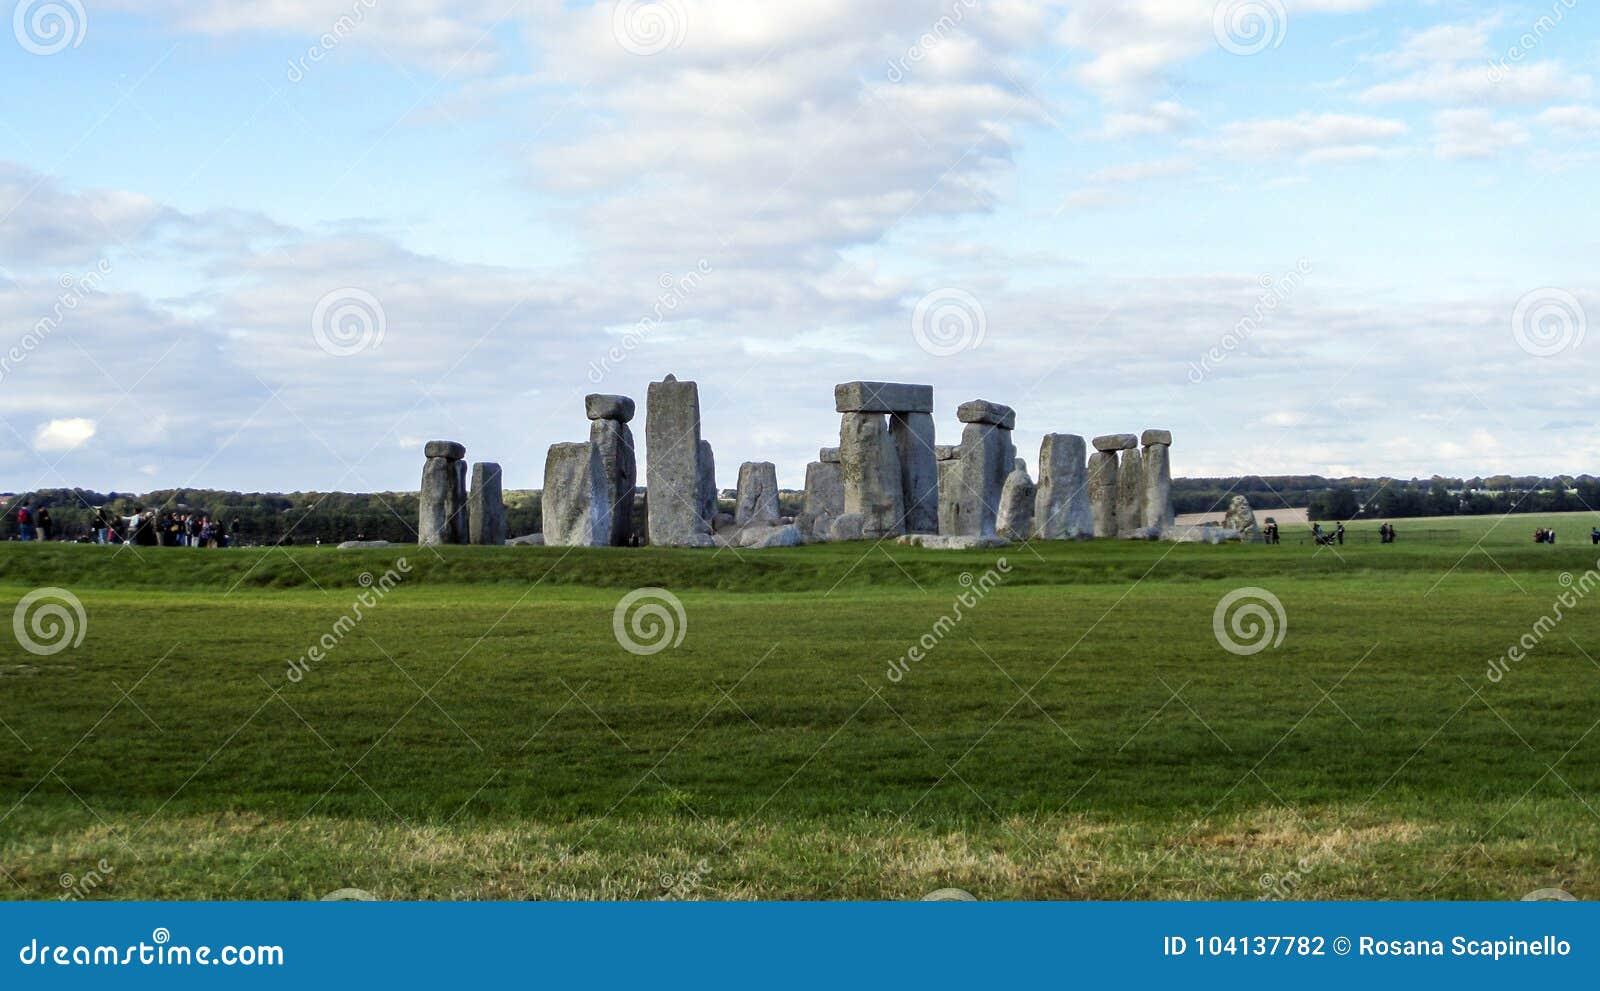 Monumento pré-histórico de Stonehenge, grama verde, céu azul e nuvens, vista panorâmica - Wiltshire, Salisbúria, Inglaterra